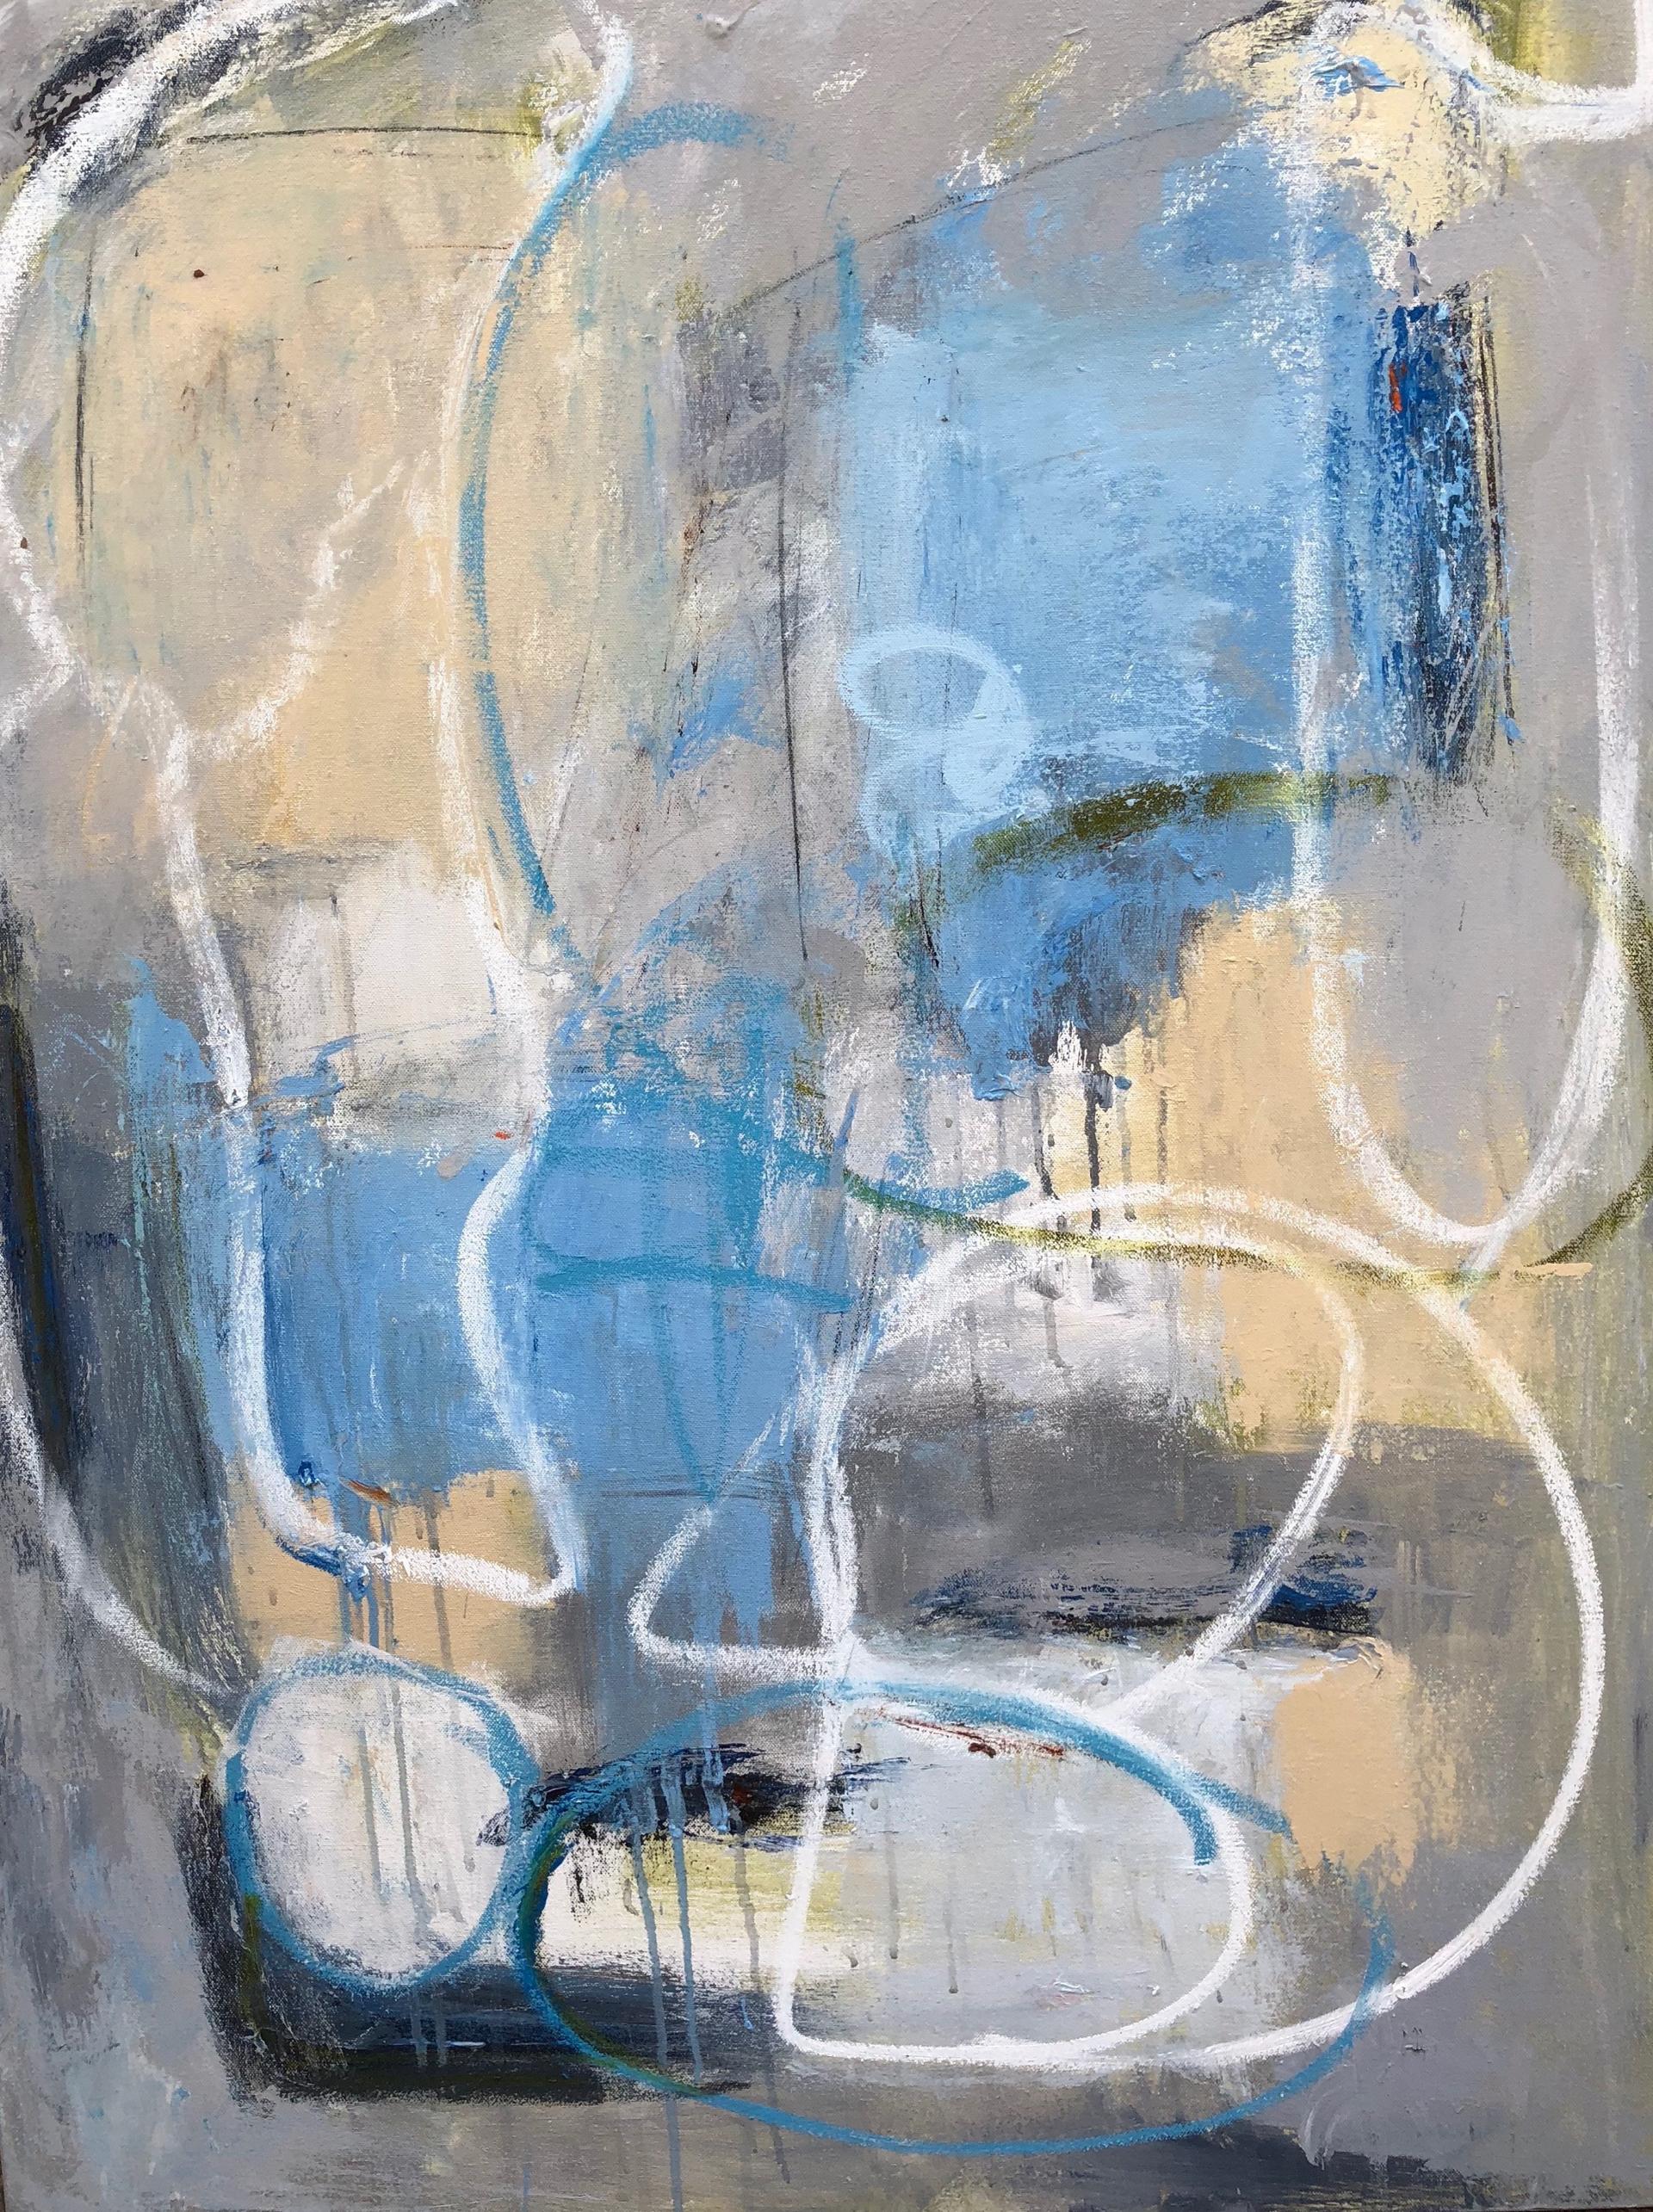 River of Dreams by Alicia Gitlitz